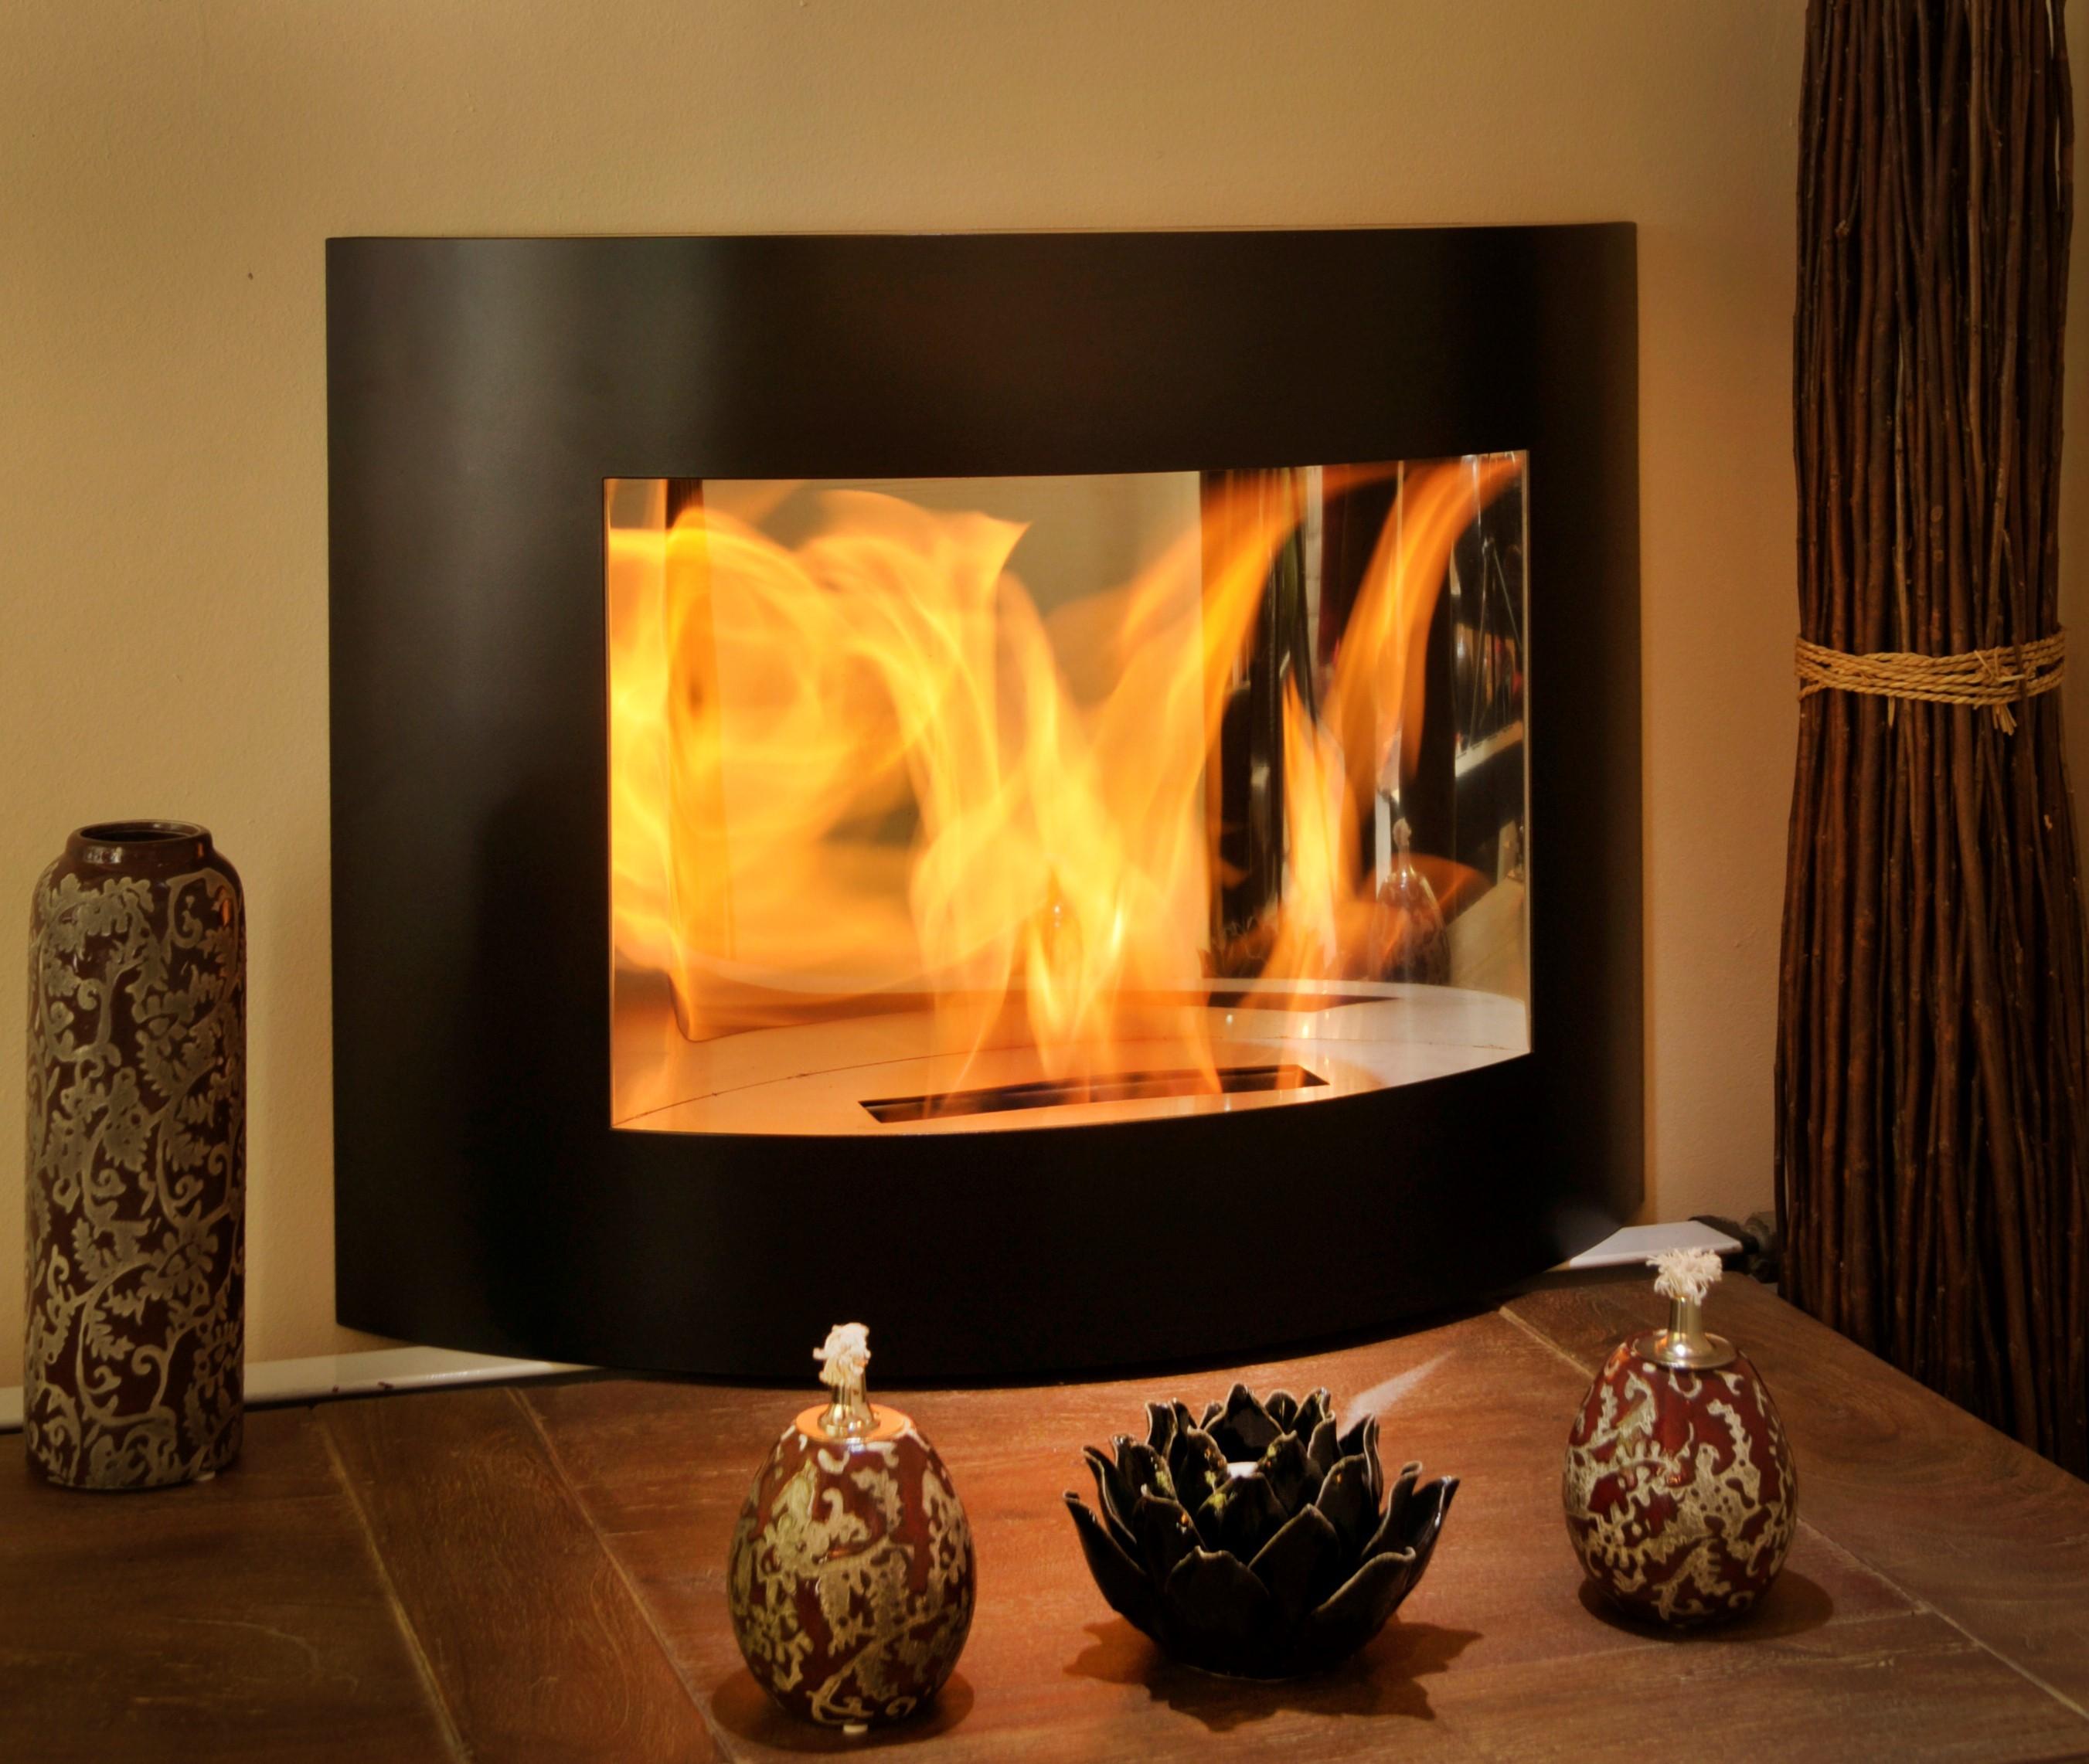 en af fireplace bio without chimney